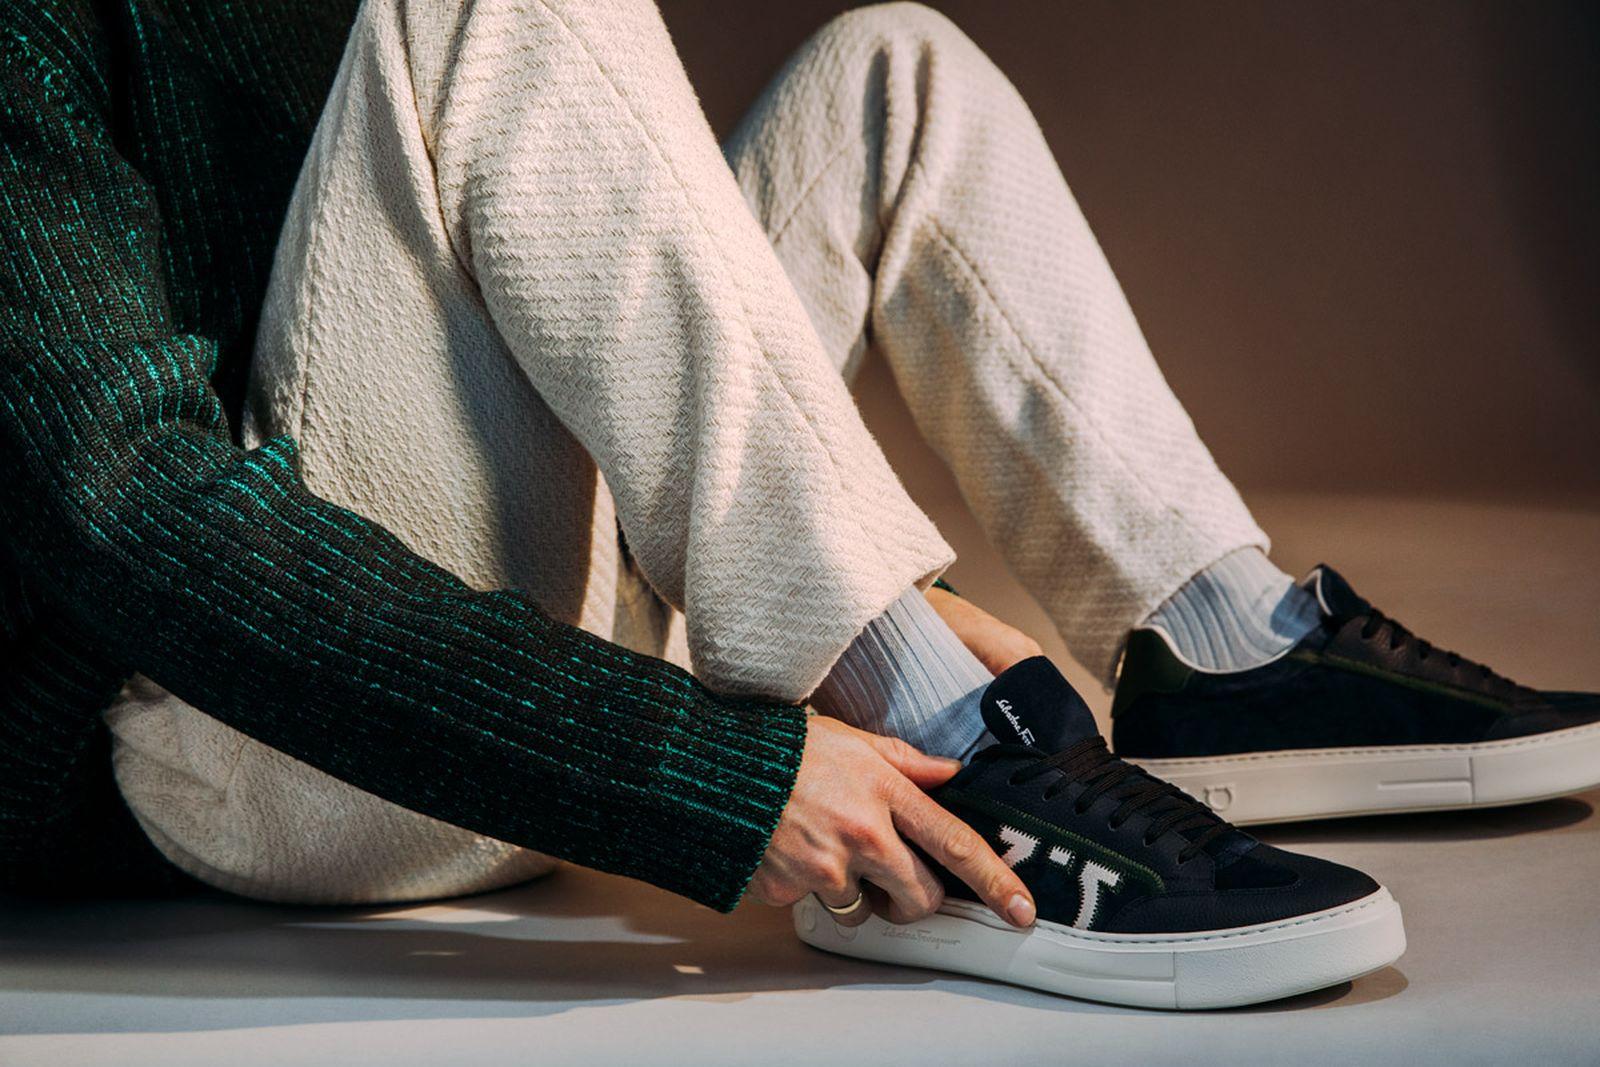 ferragamo-footwear-style-guide-04